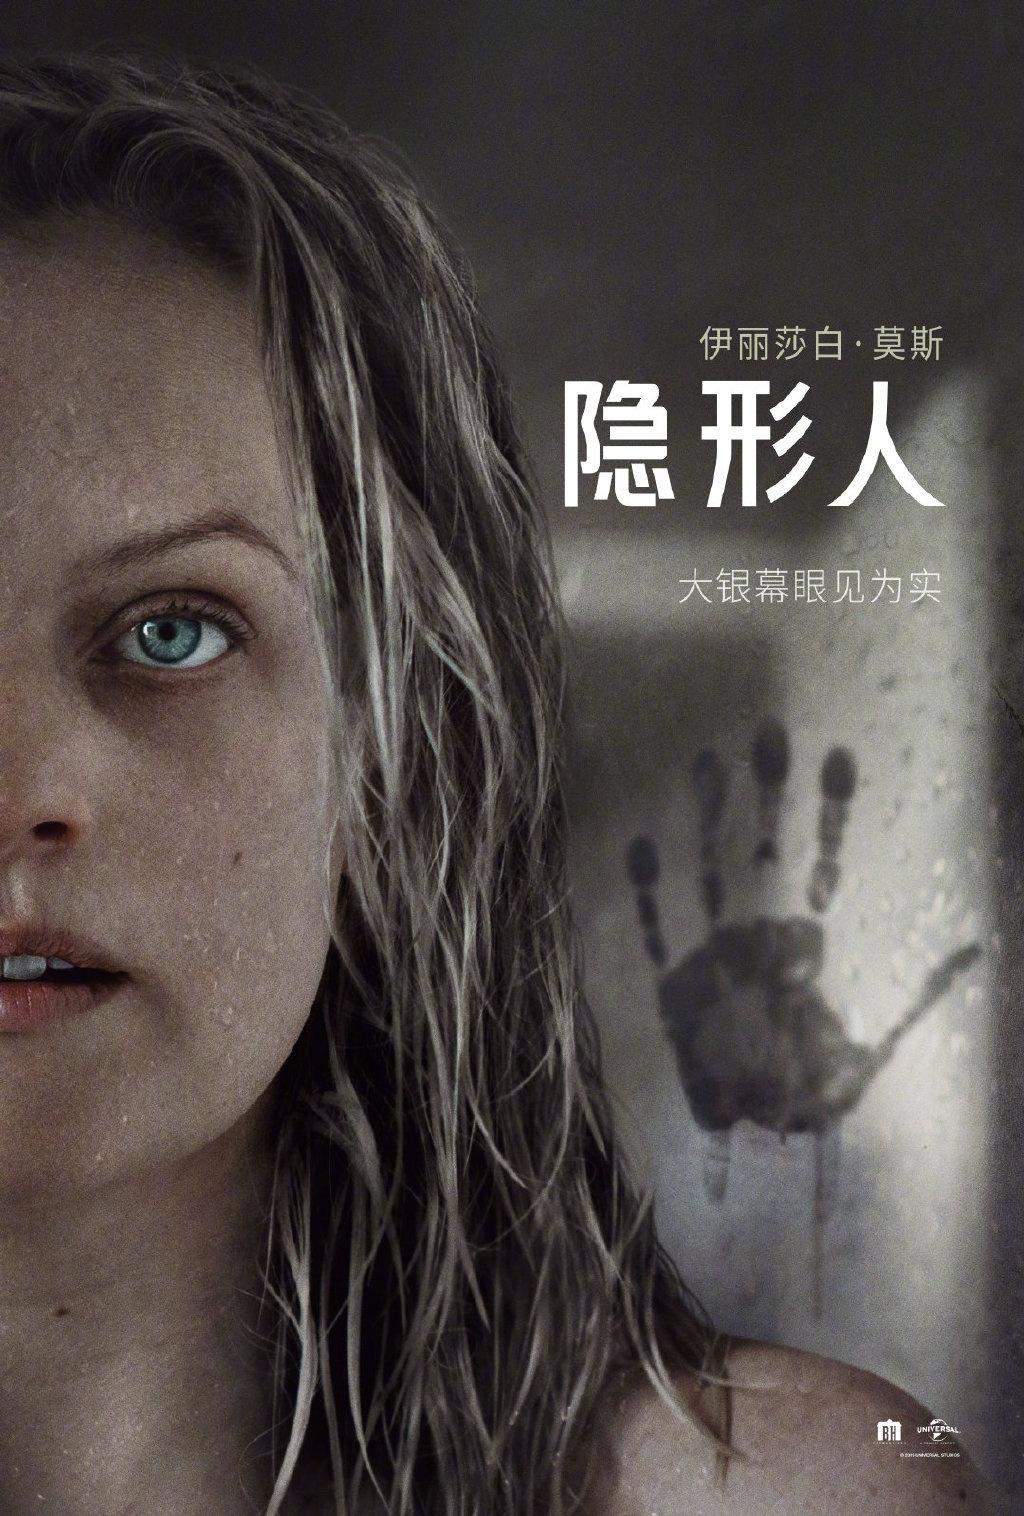 皇冠注册平台:爆款惊悚片《隐形人》公布中文海报 确认引进内地 第1张